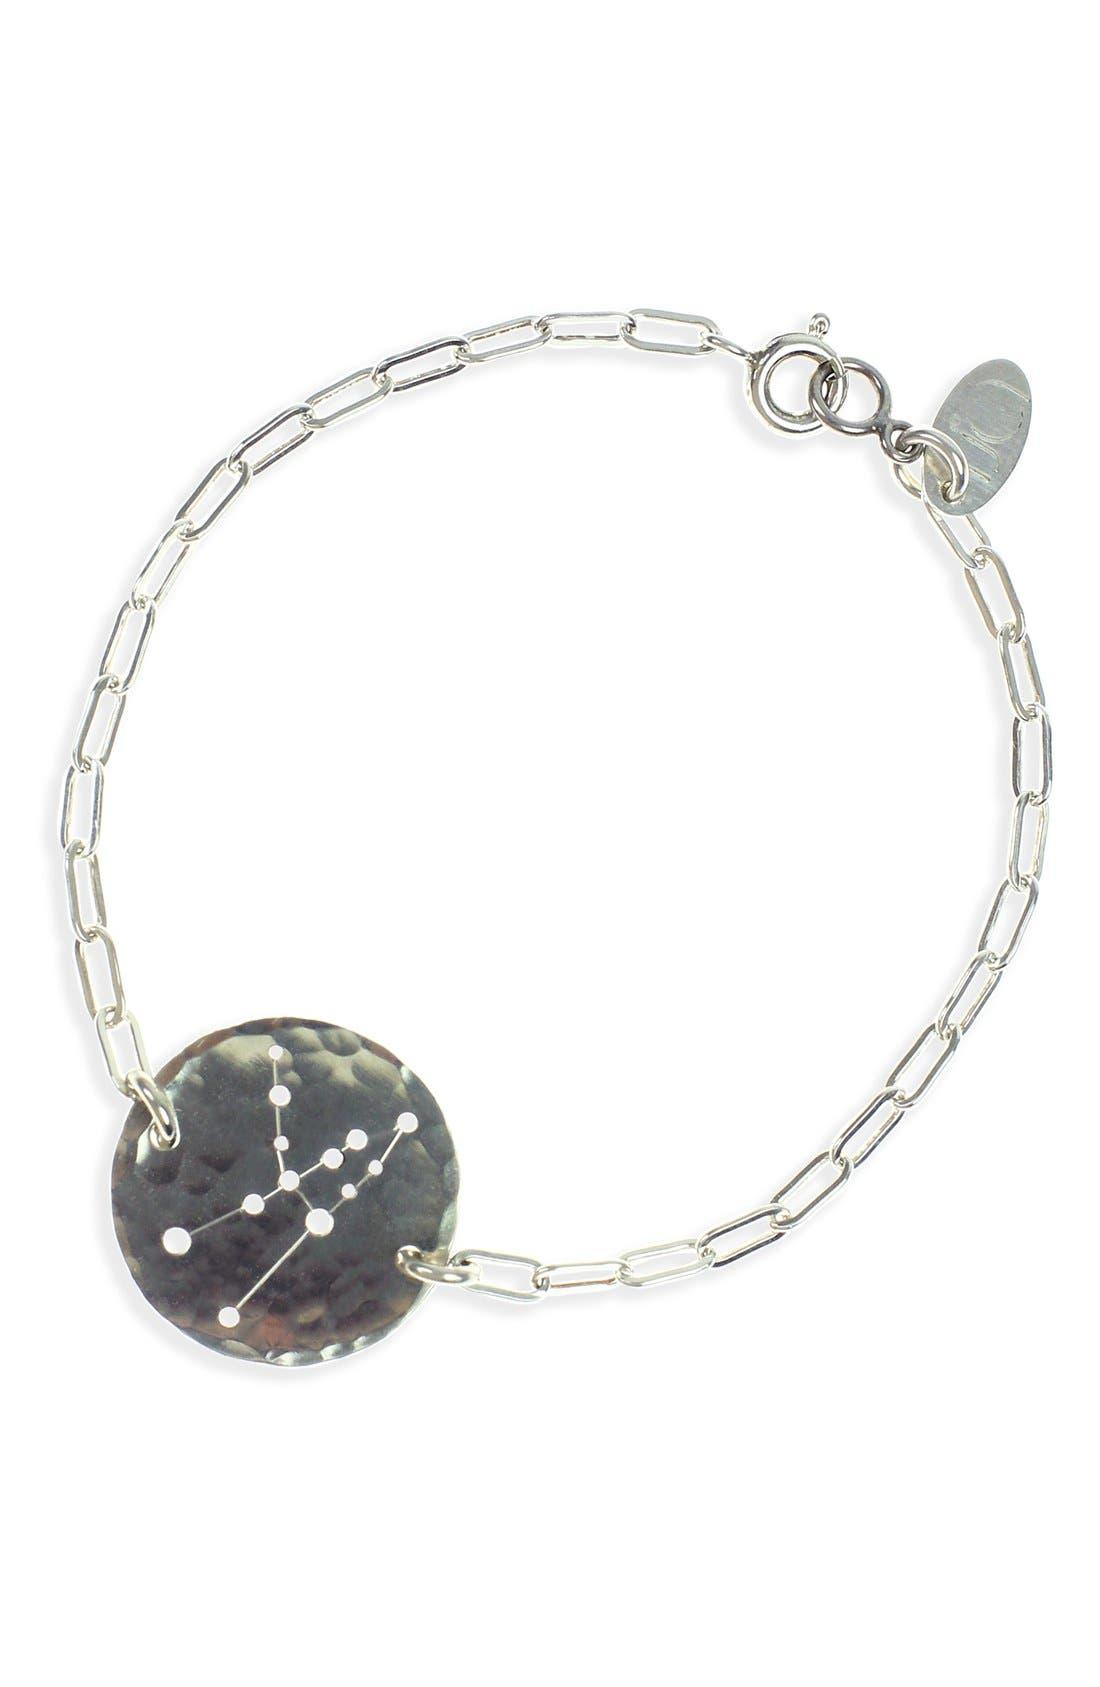 Alternate Image 1 Selected - Ija 'Zodiac' Sterling Silver Chain Bracelet